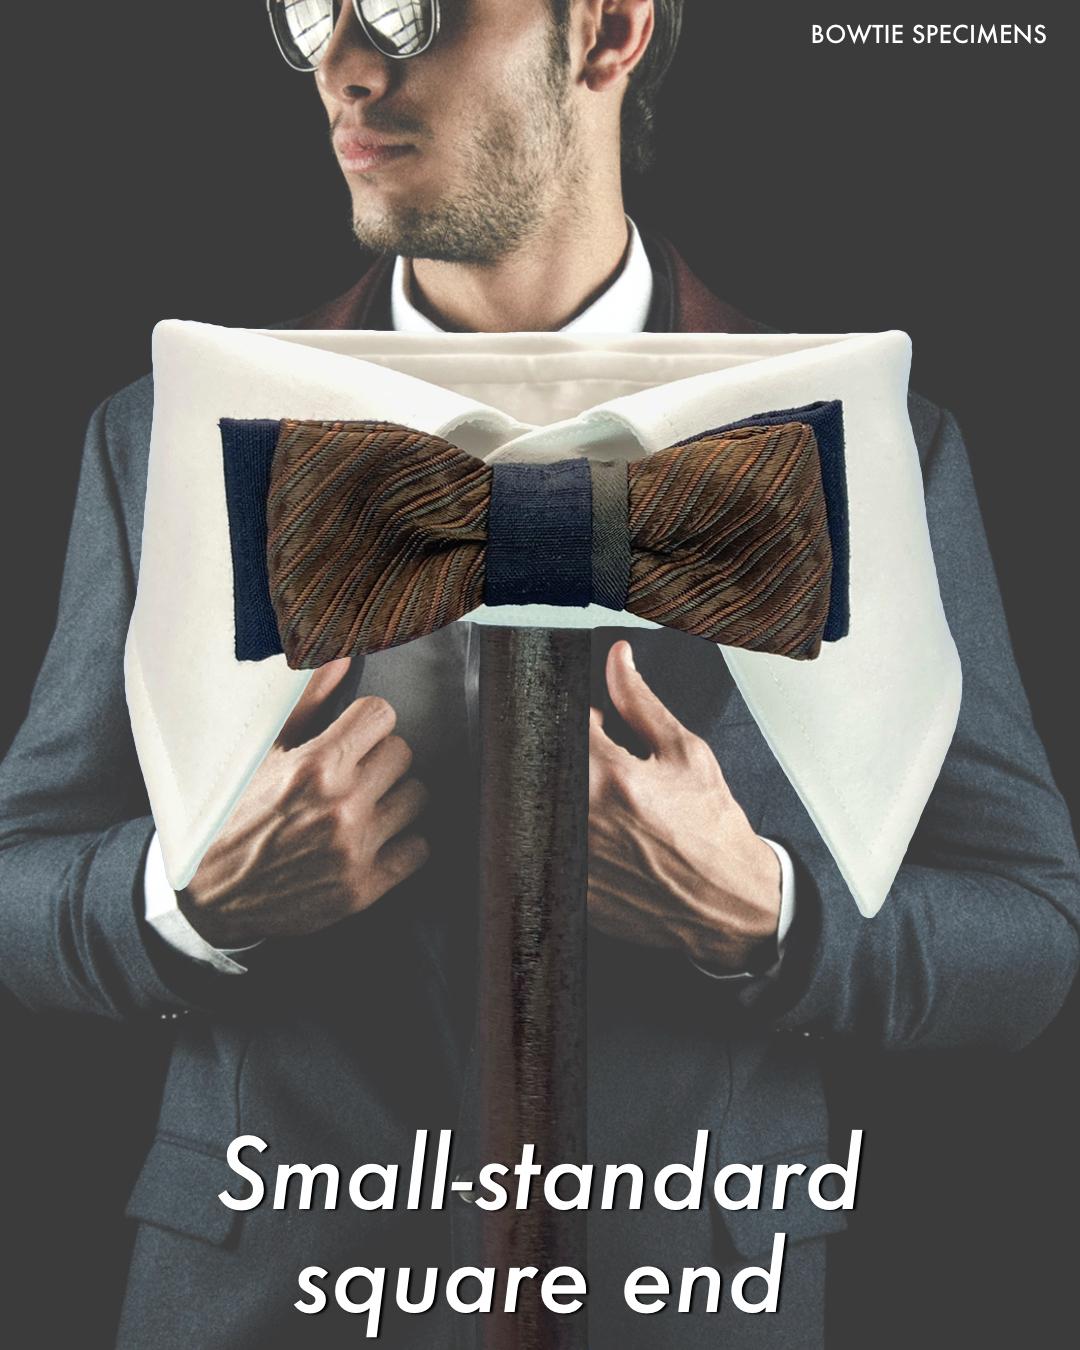 スモールスタンダード・スクエアエンド (ブラウン/ストライプ×ダークネイビー) 作り結び型〈蝶ネクタイ ダーク ブラウン 茶 ワンタッチ フック式〉